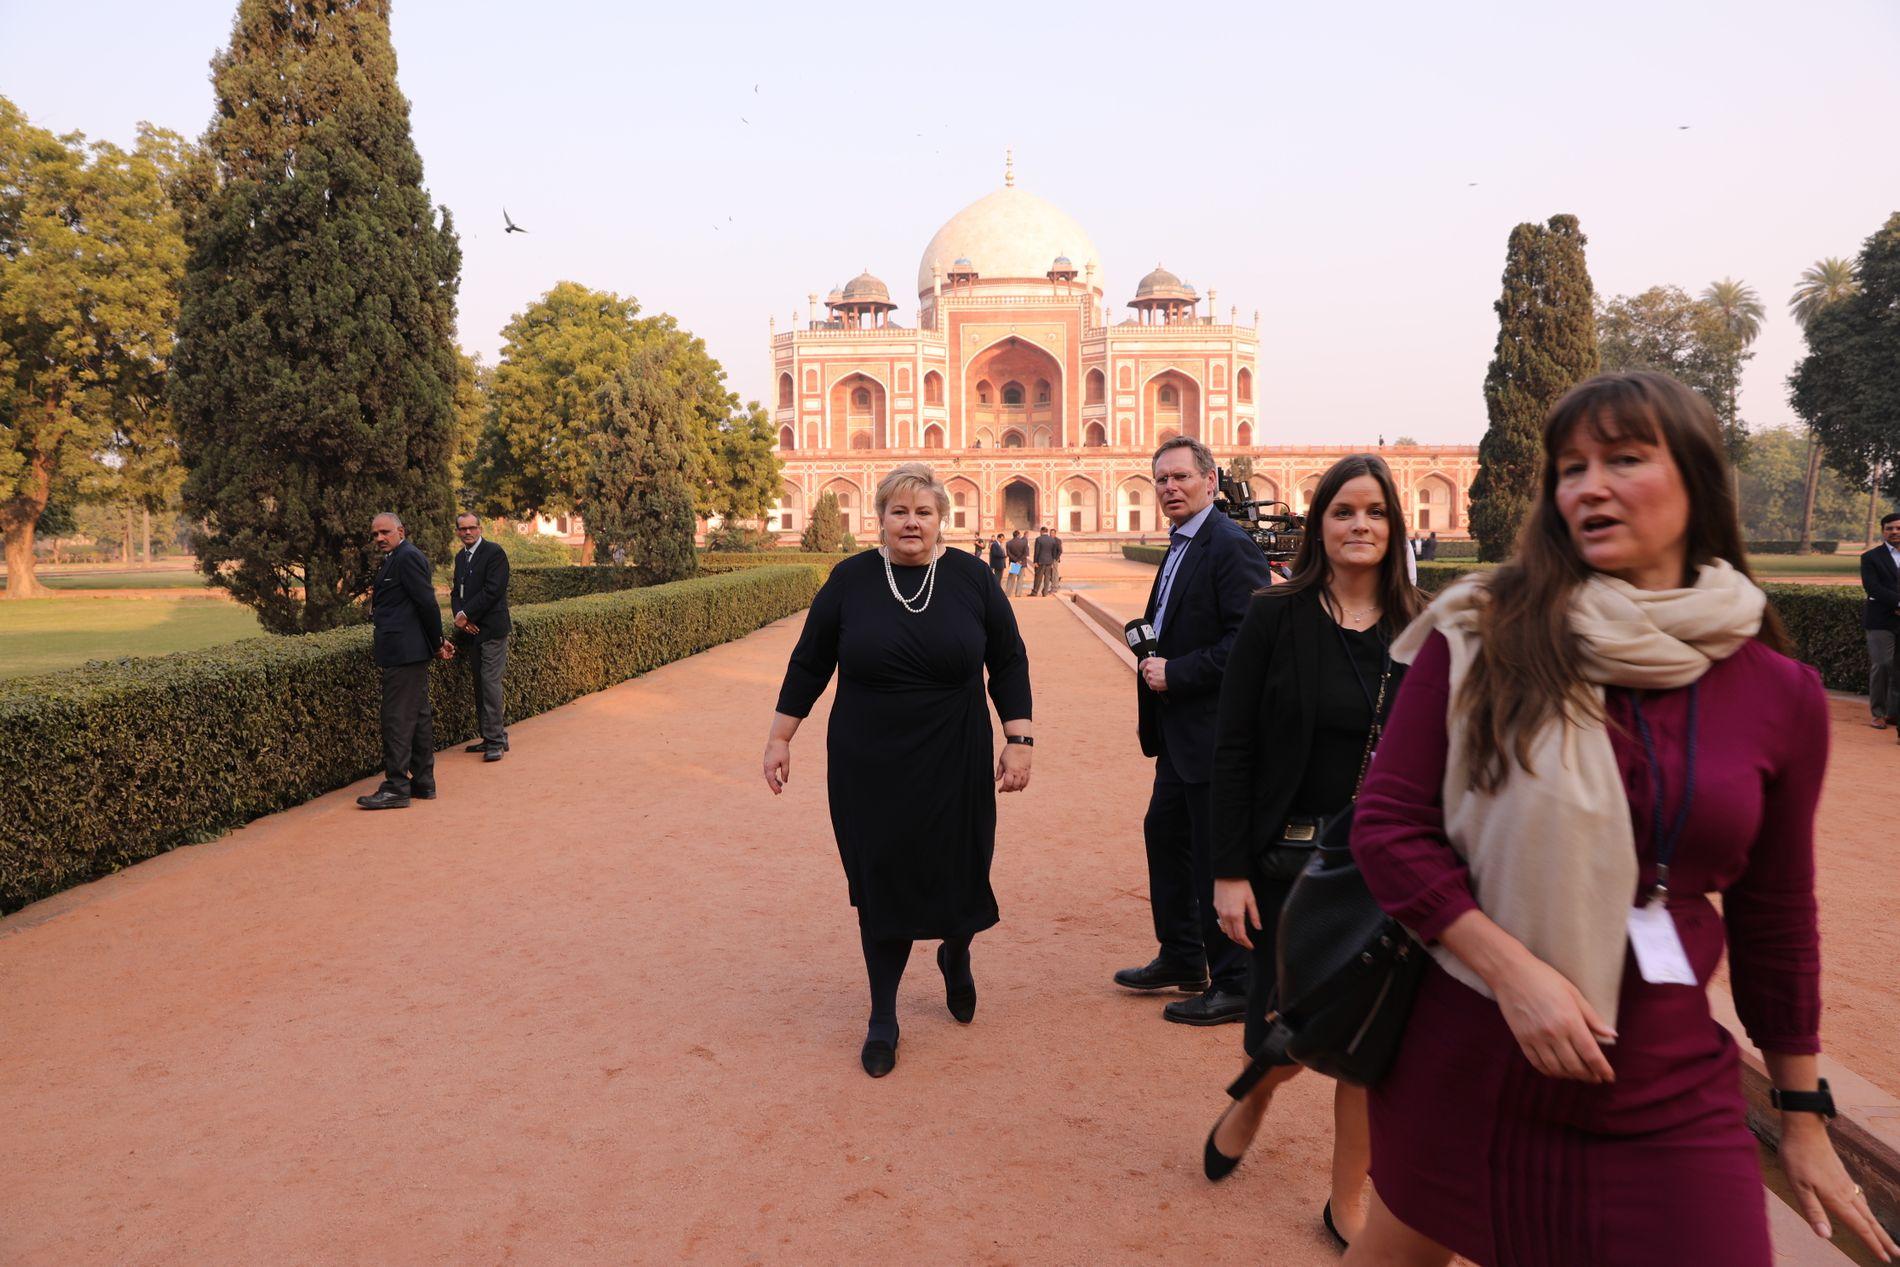 INDIA:  Statsminister Erna Solberg besøkte Humayuns Tomb i New Delhi tirsdag ettermiddag.